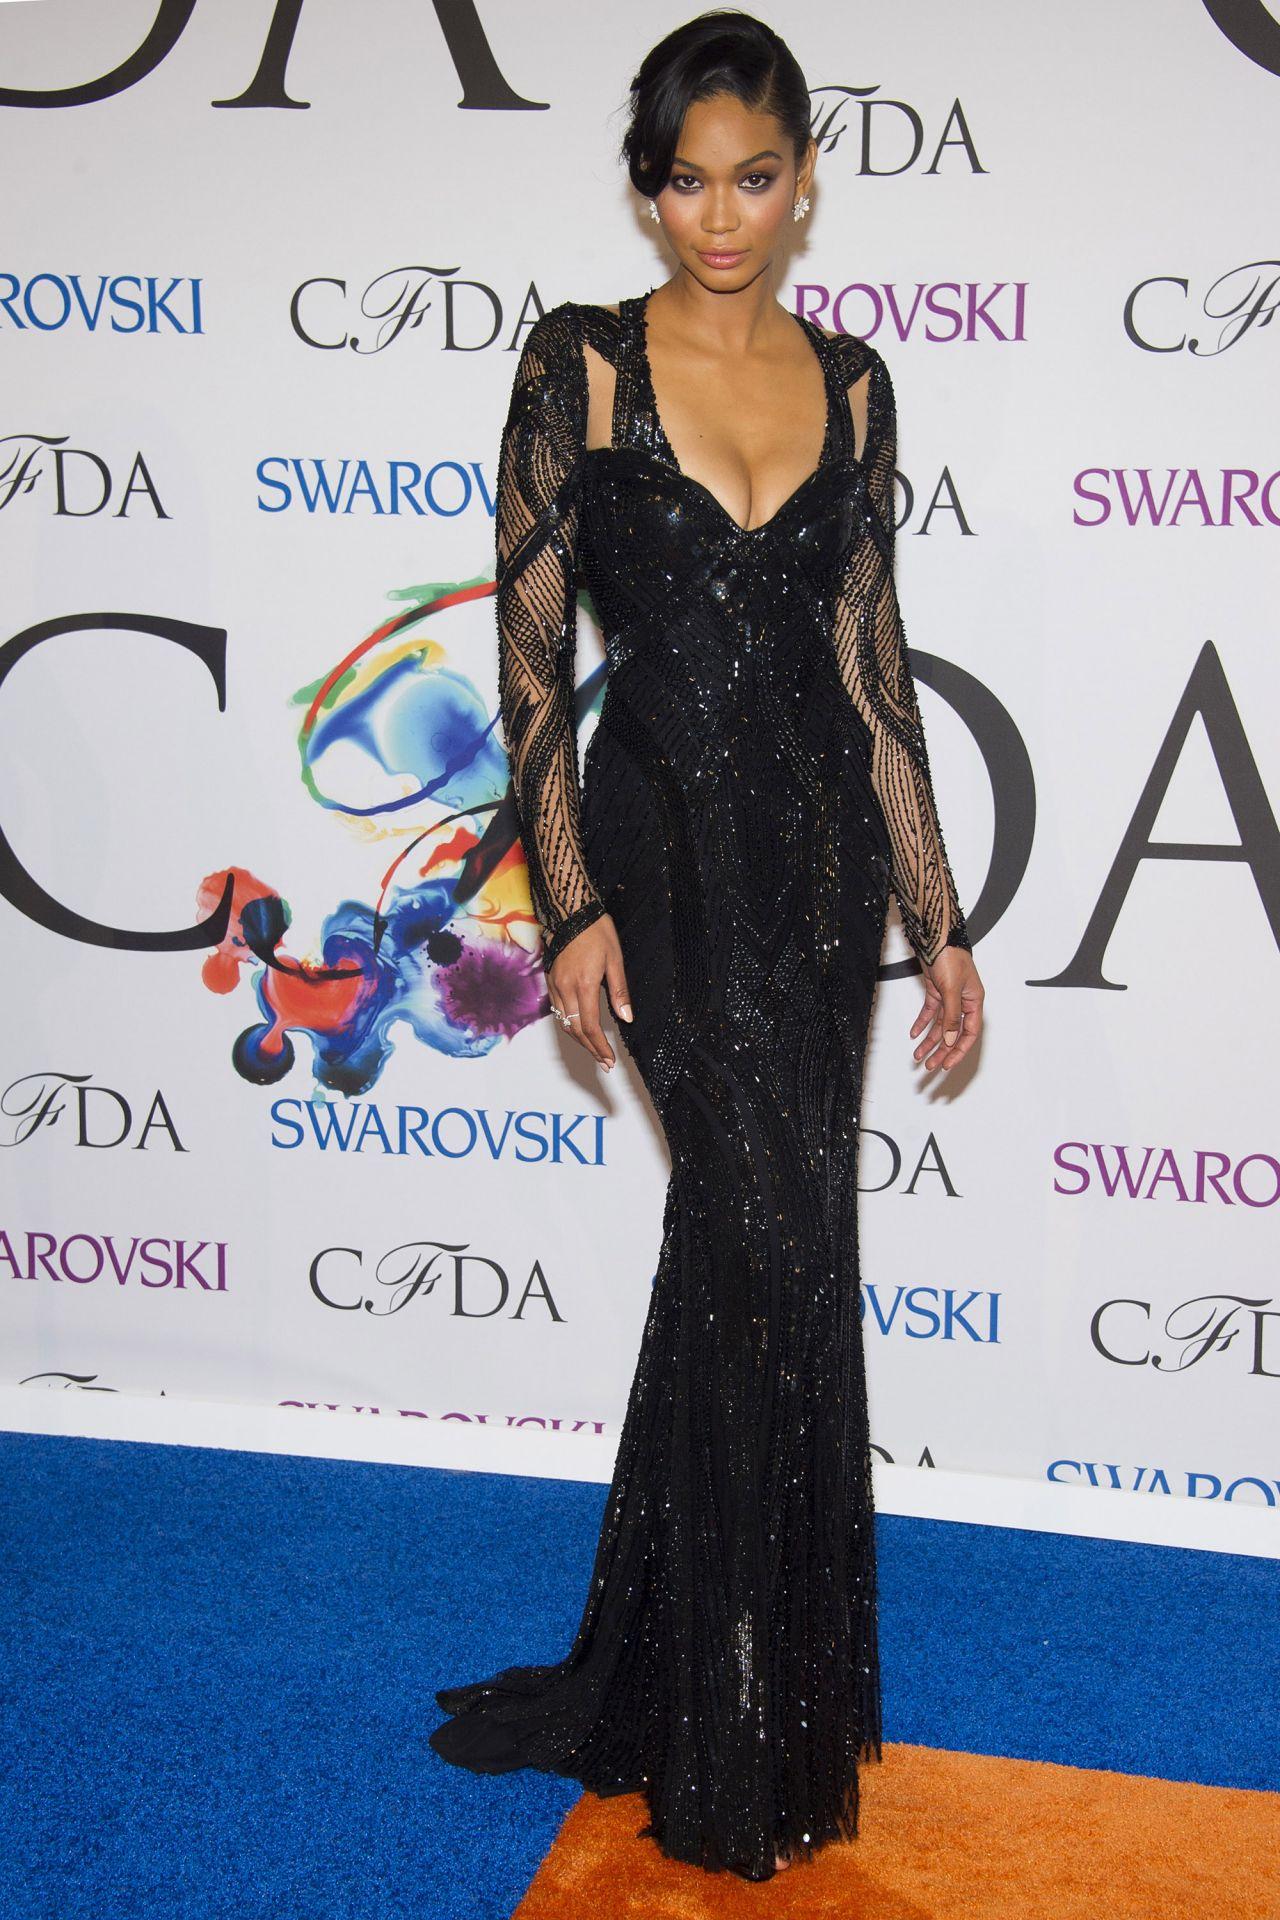 Emmy fashion 2014 best red carpet dresses blogher - Cfda Awards 2014 Best Worst Dressed